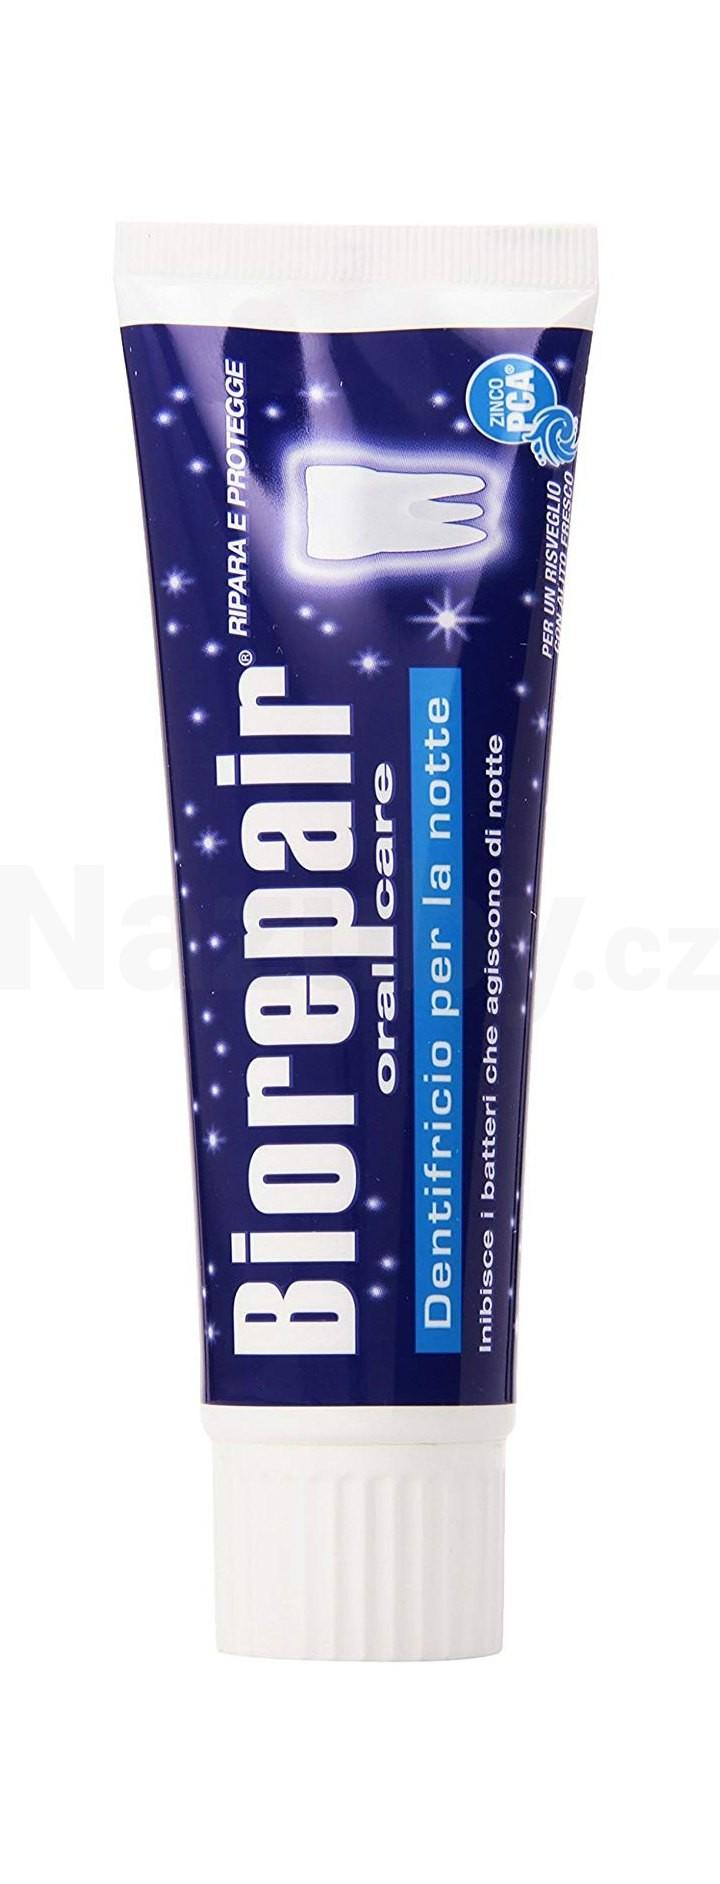 Blanx BioRepair Night - 75 ml